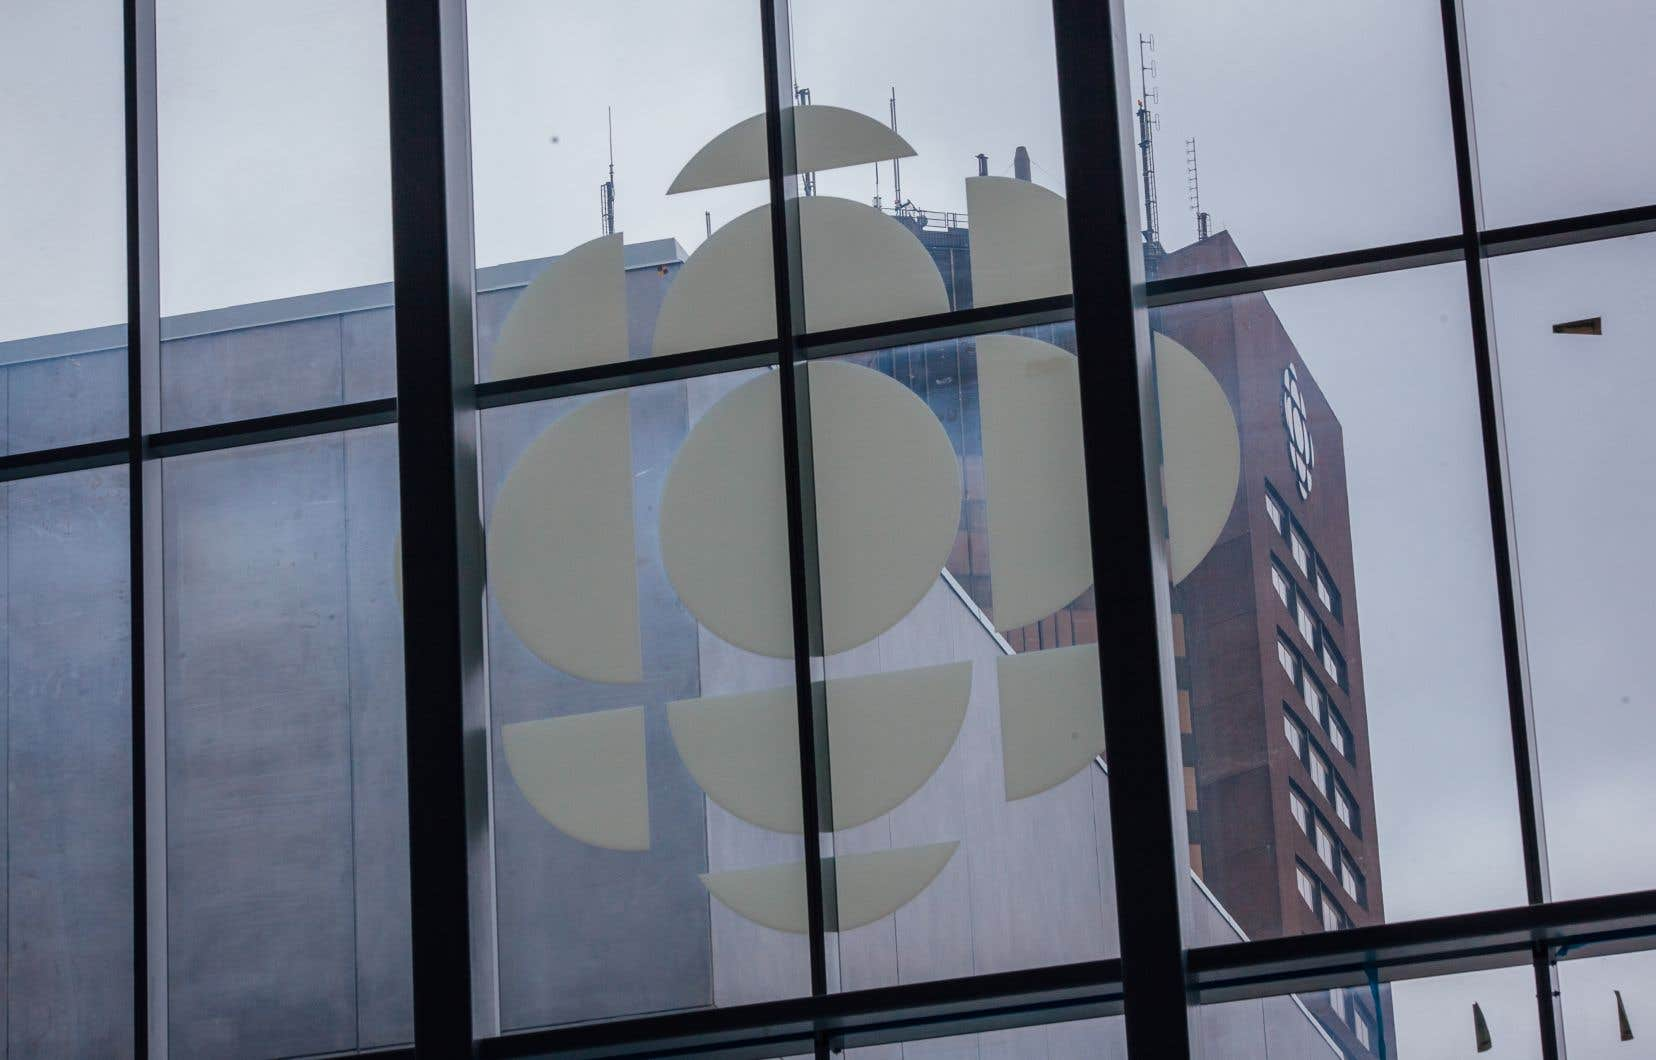 Le système de radiodiffusion publique du Canada est basé sur la coexistence d'intérêts publics et privés, et donne à Radio-Canada le mandat d'assurer une partie de ses revenus par la publicité.